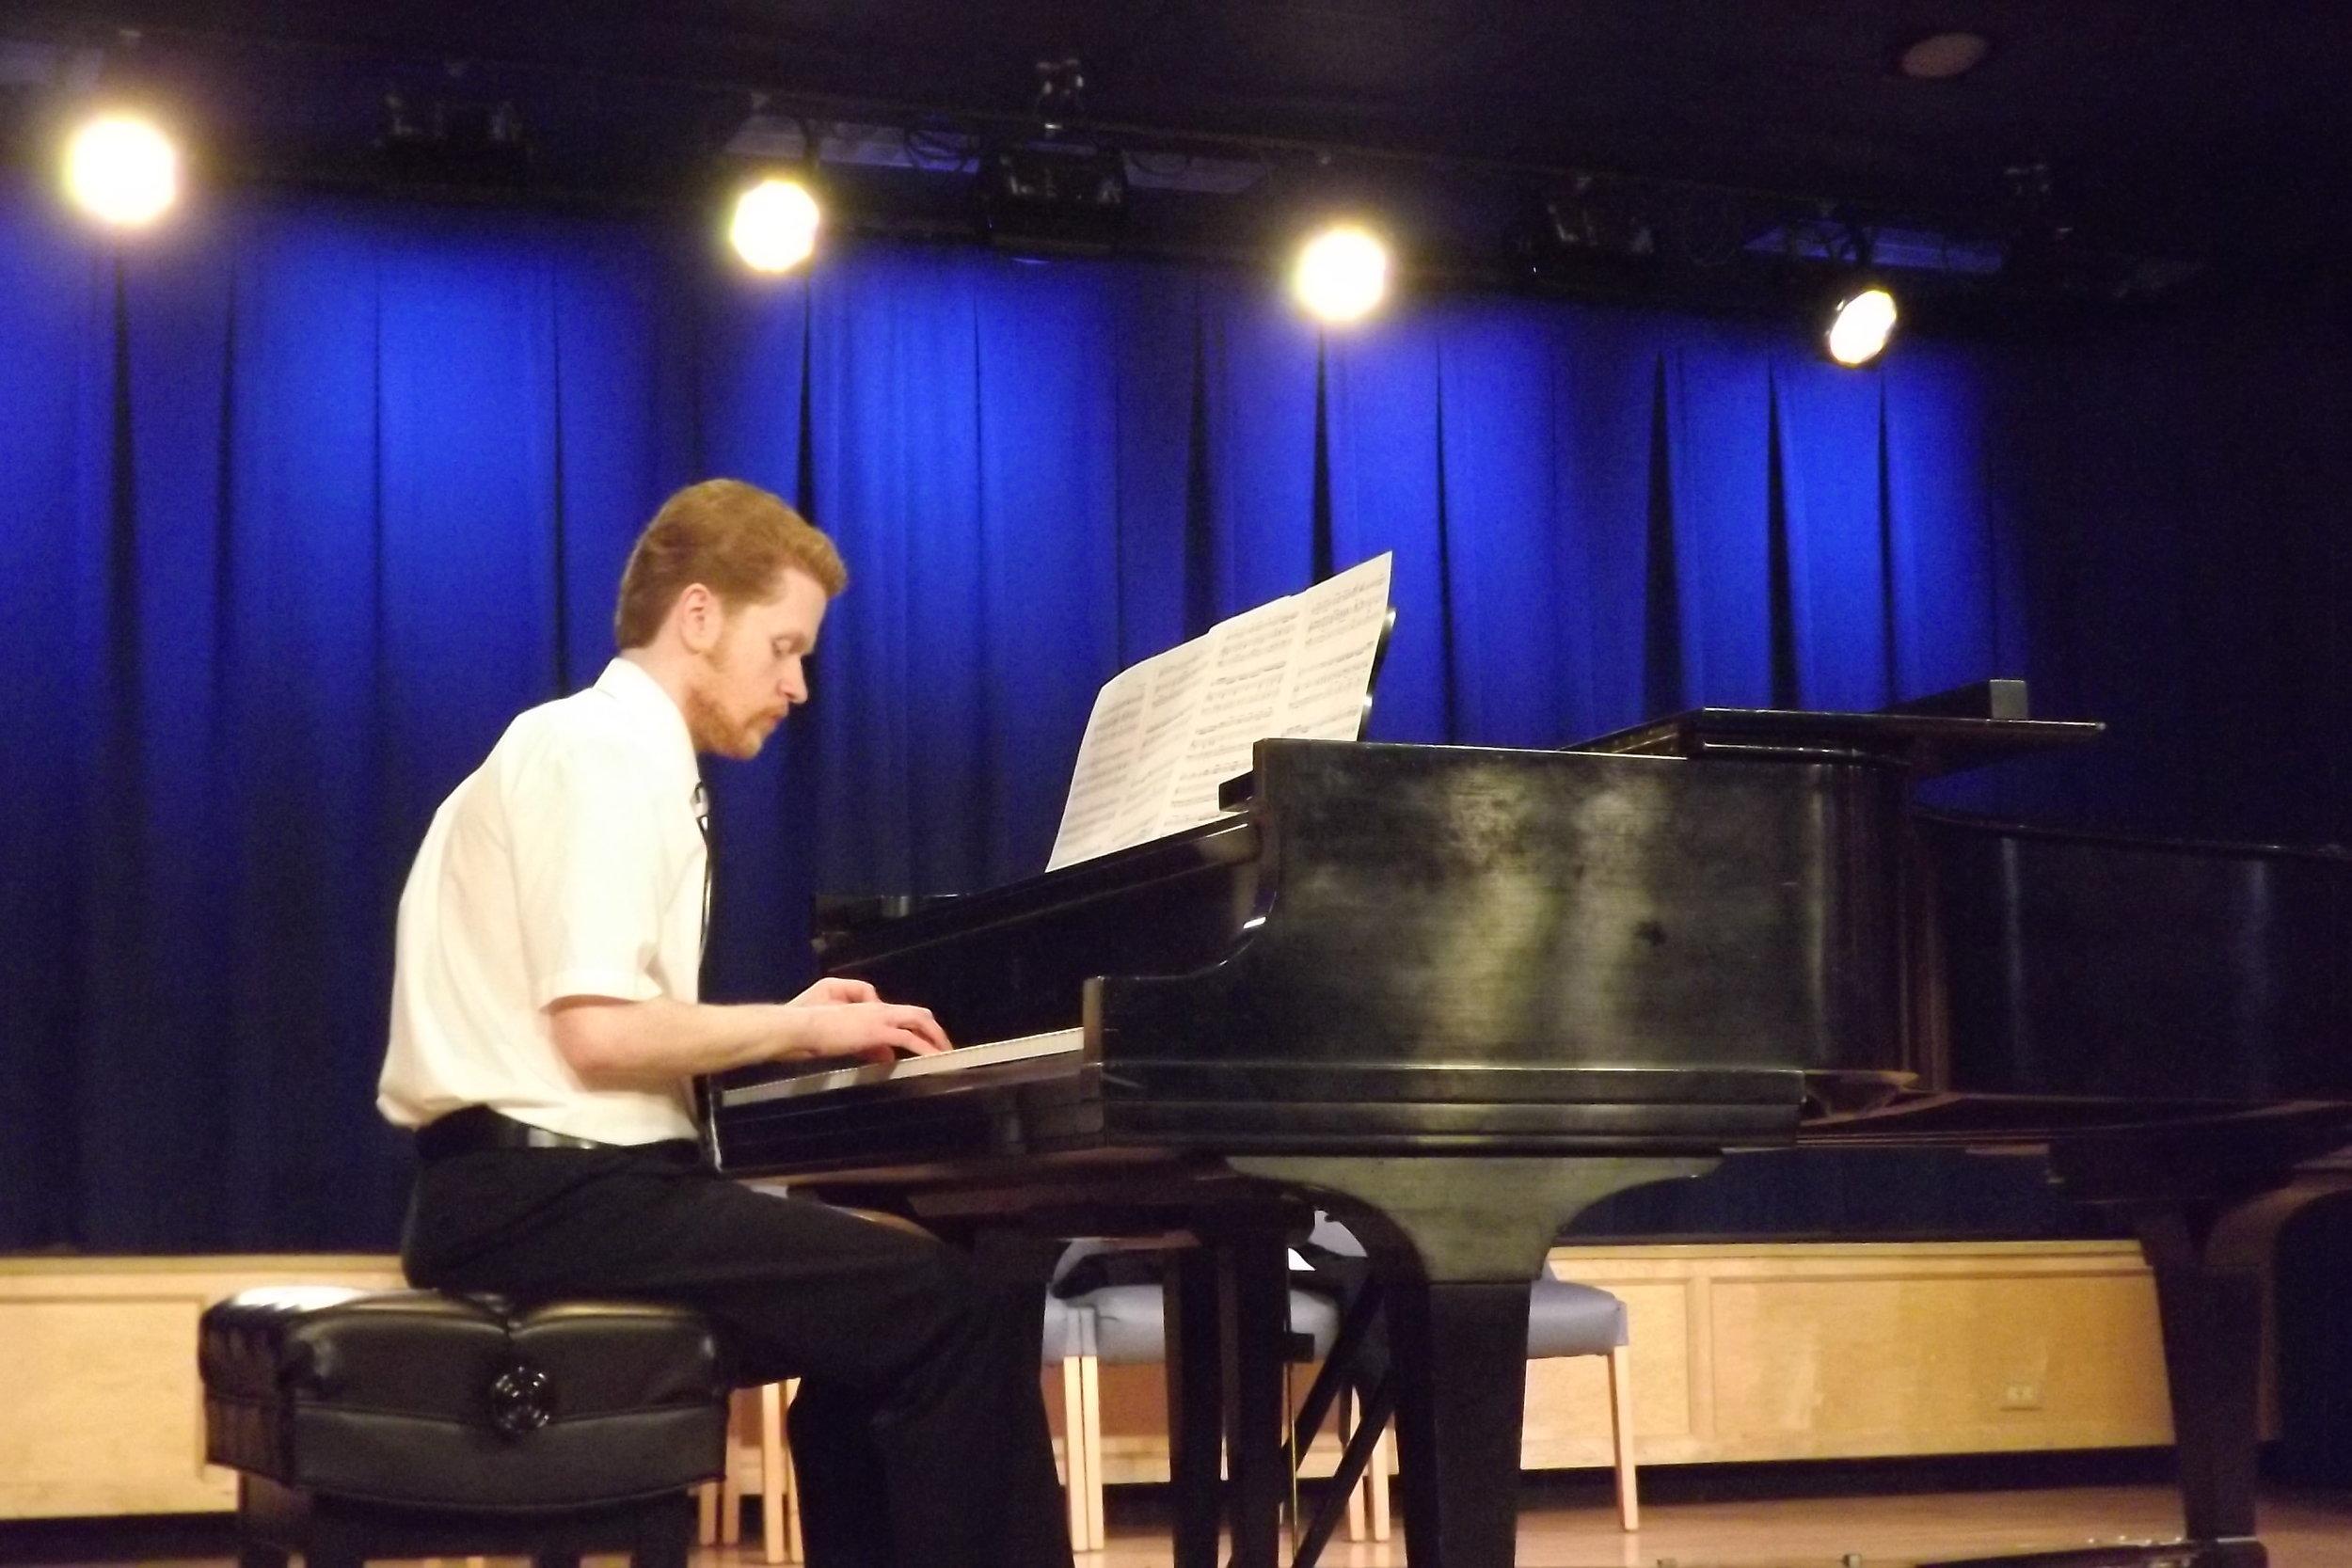 Jacob at the Piano_01.JPG